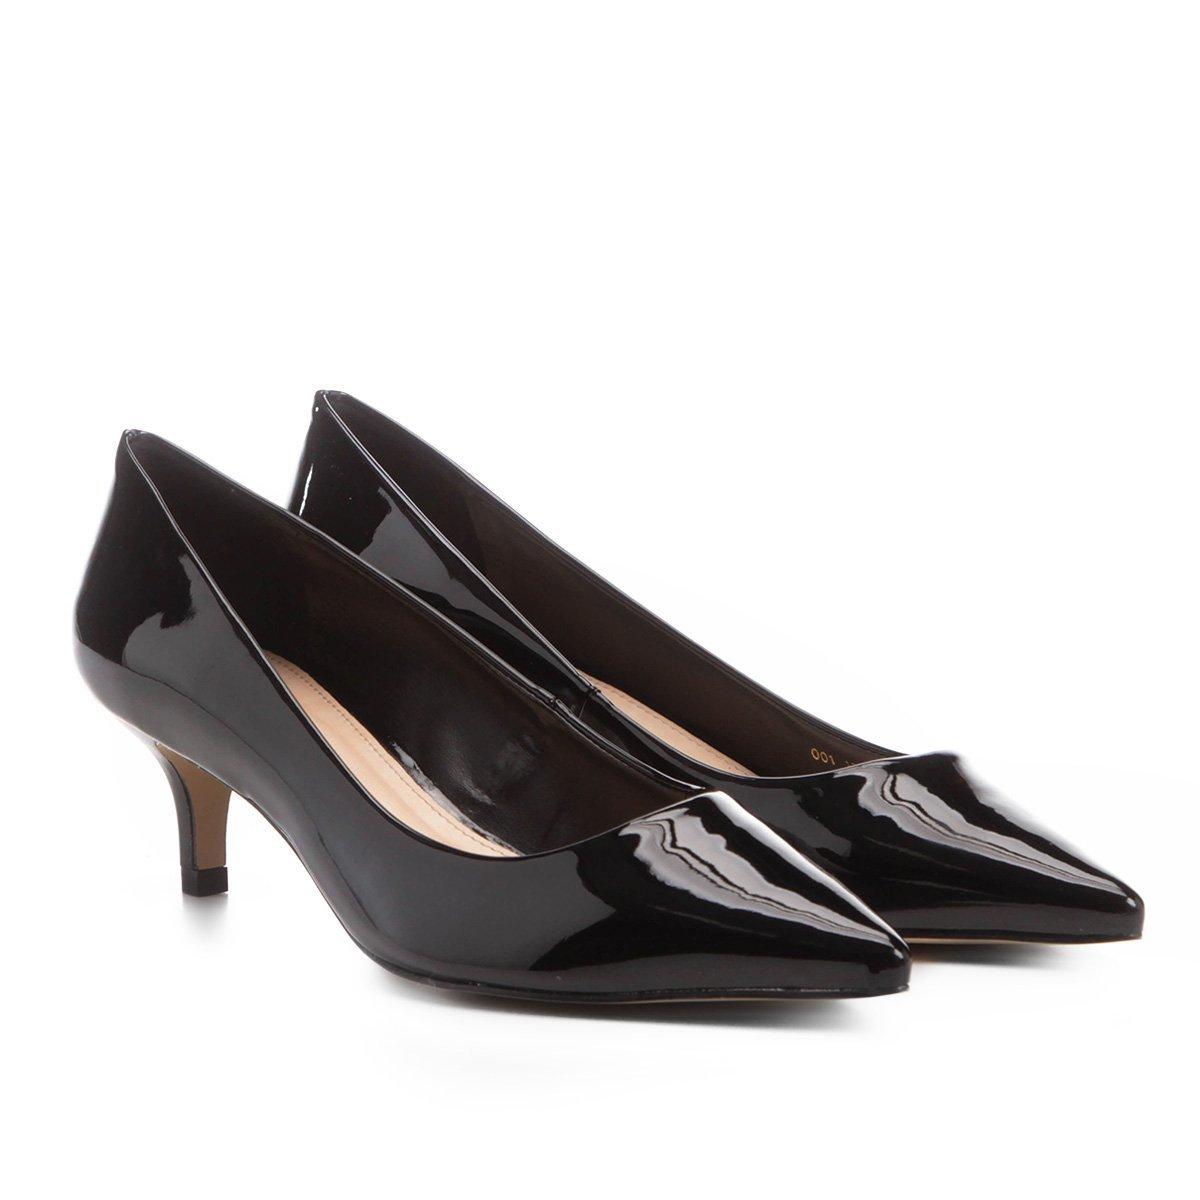 a6fdbe3332 Scarpin Shoestock Salto Médio Verniz - Preto - Compre Agora